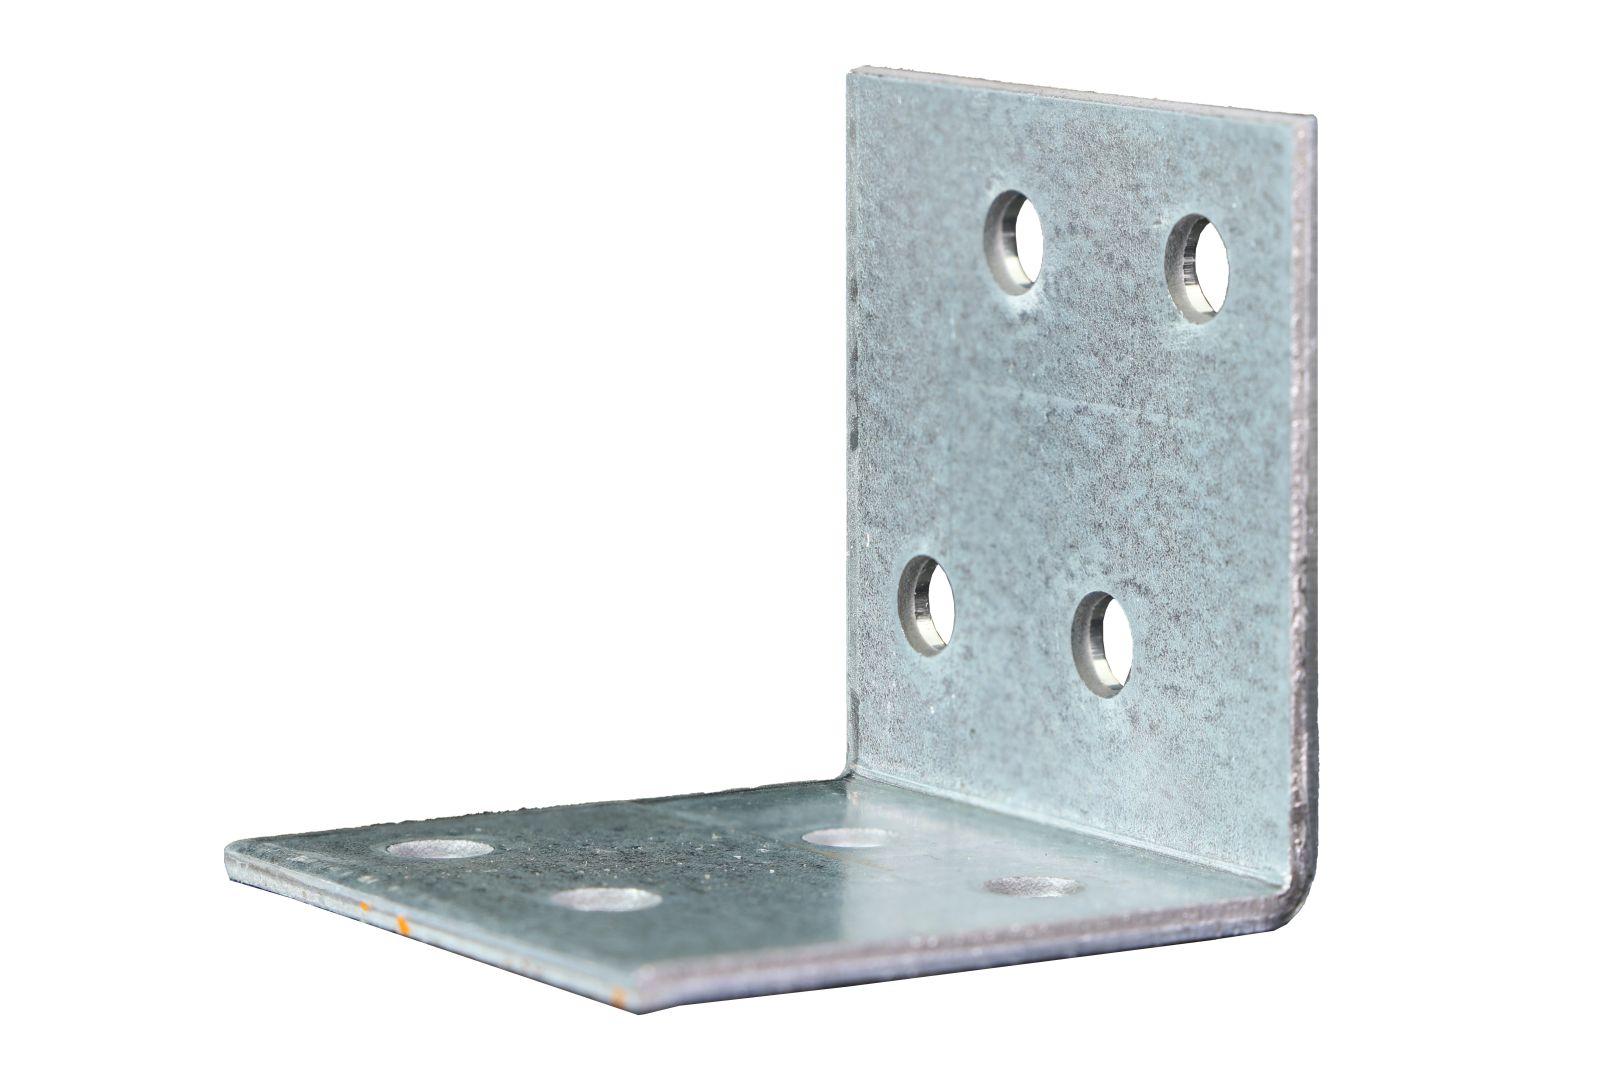 GAH Winkelverbinder, Lochplattenwinkel, sendzimirverzinkt, 40 x 40 x 40 mm, Stärke: 2 mm